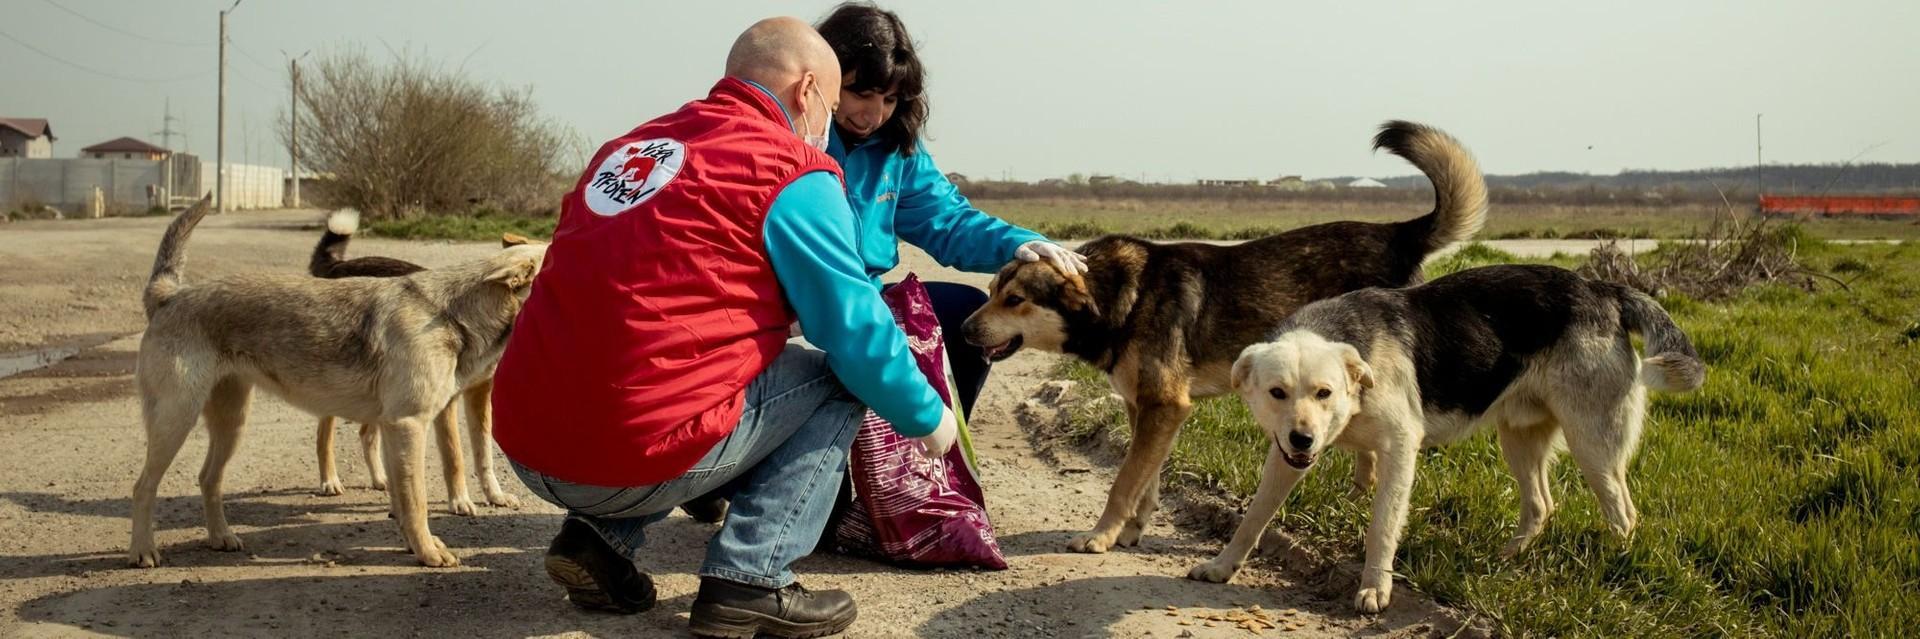 Stray Dog Feeding Program